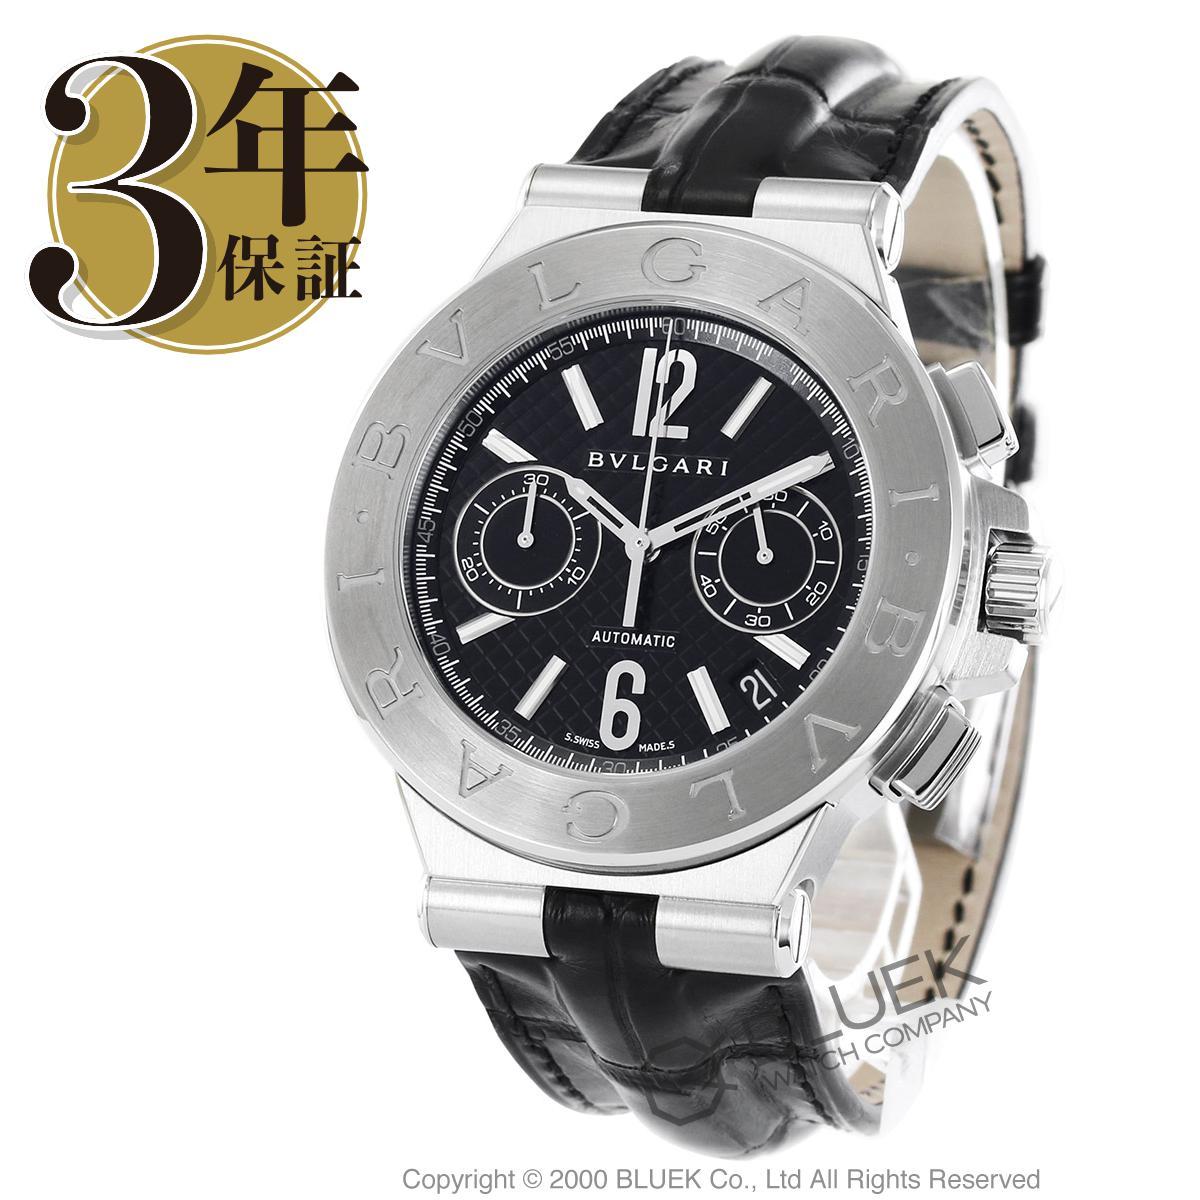 【3,000円OFFクーポン対象】ブルガリ ディアゴノ クロノグラフ アリゲーターレザー 腕時計 メンズ BVLGARI DG40BSLDCH_8